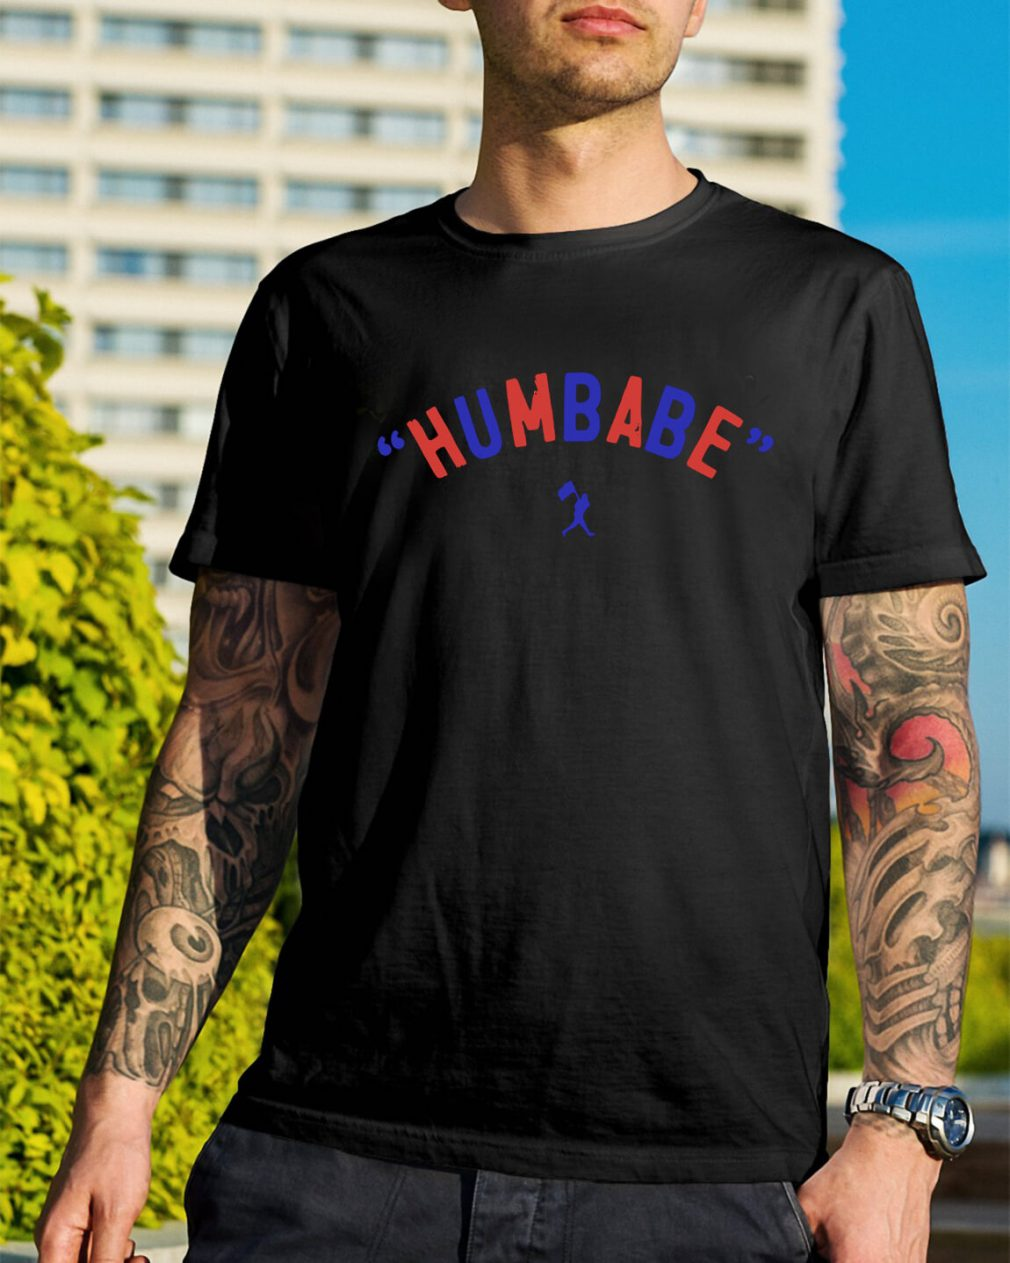 Baseball humbabe shirt